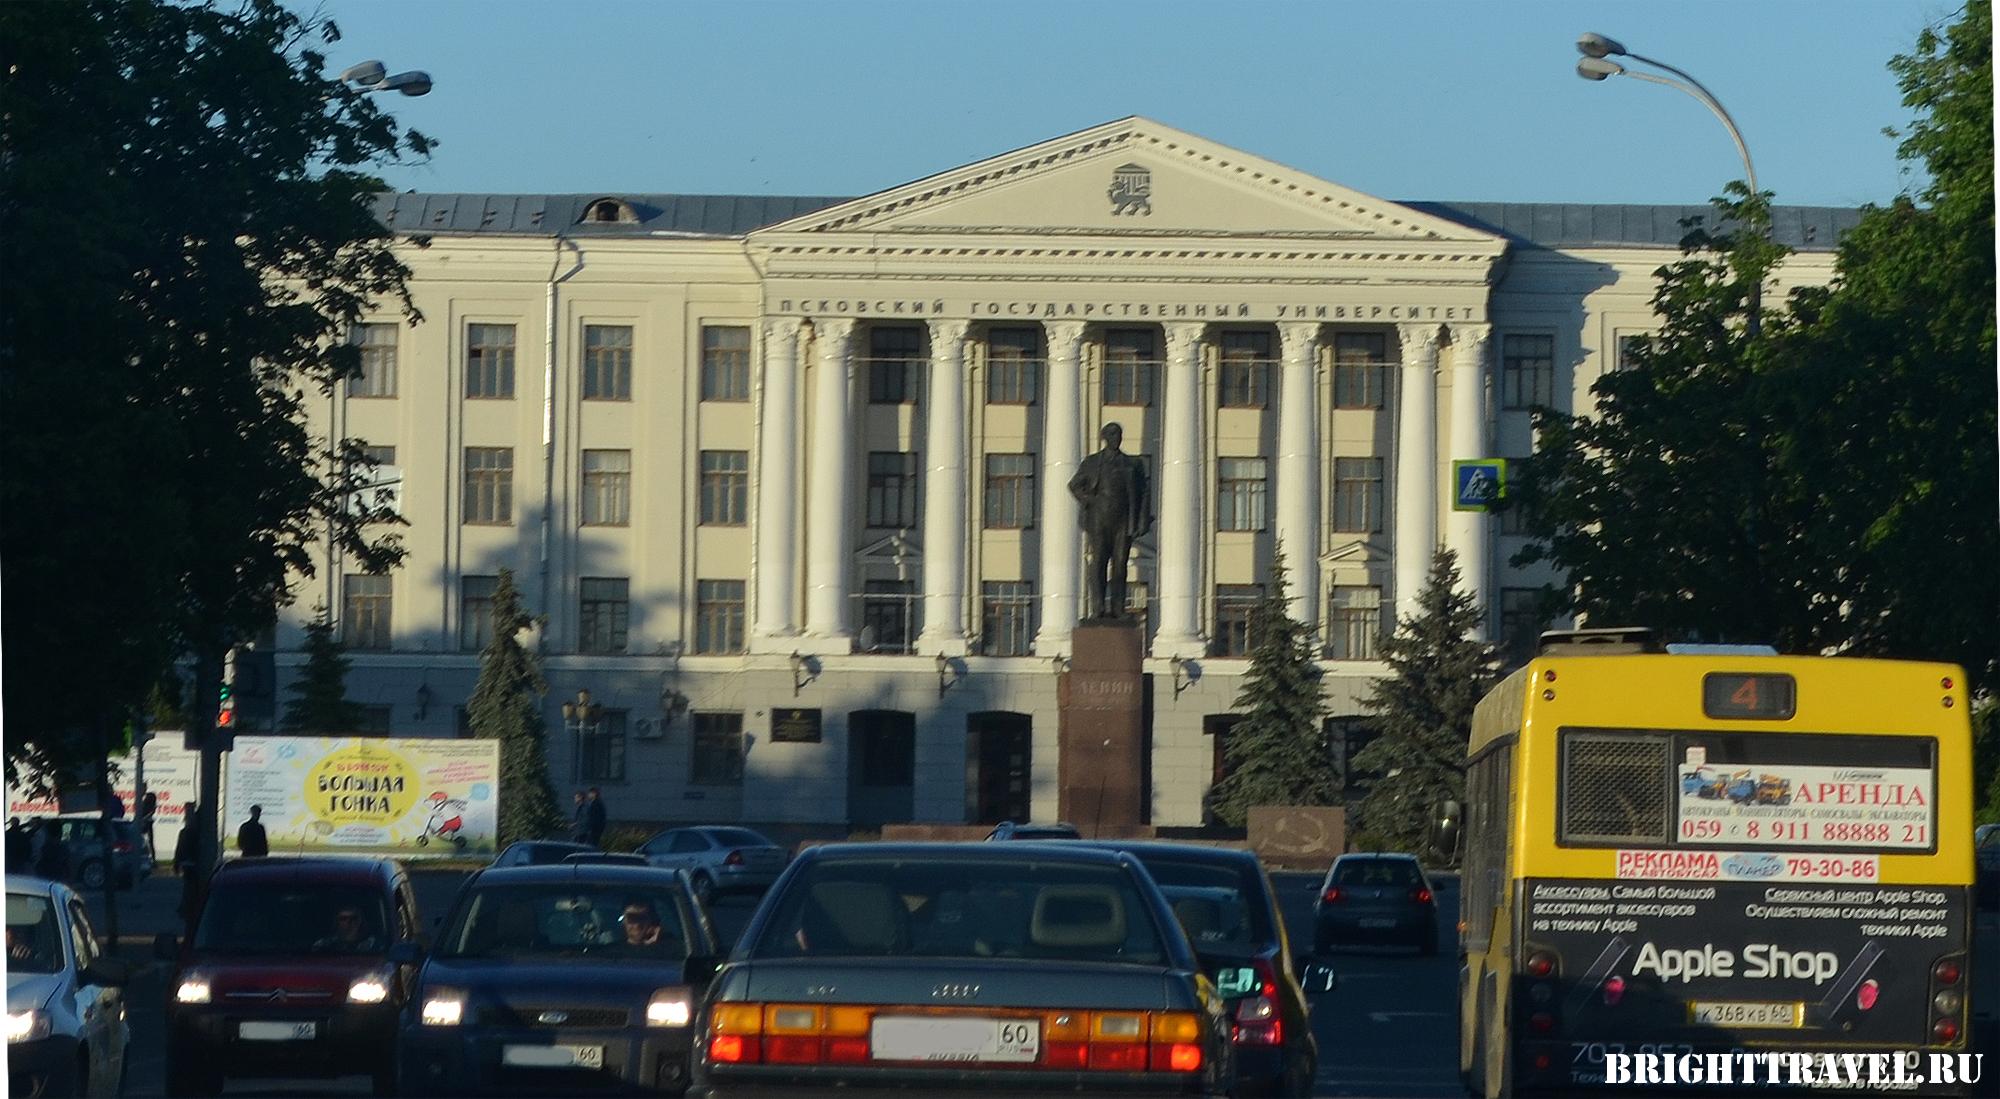 Фото Псковского государственного университета